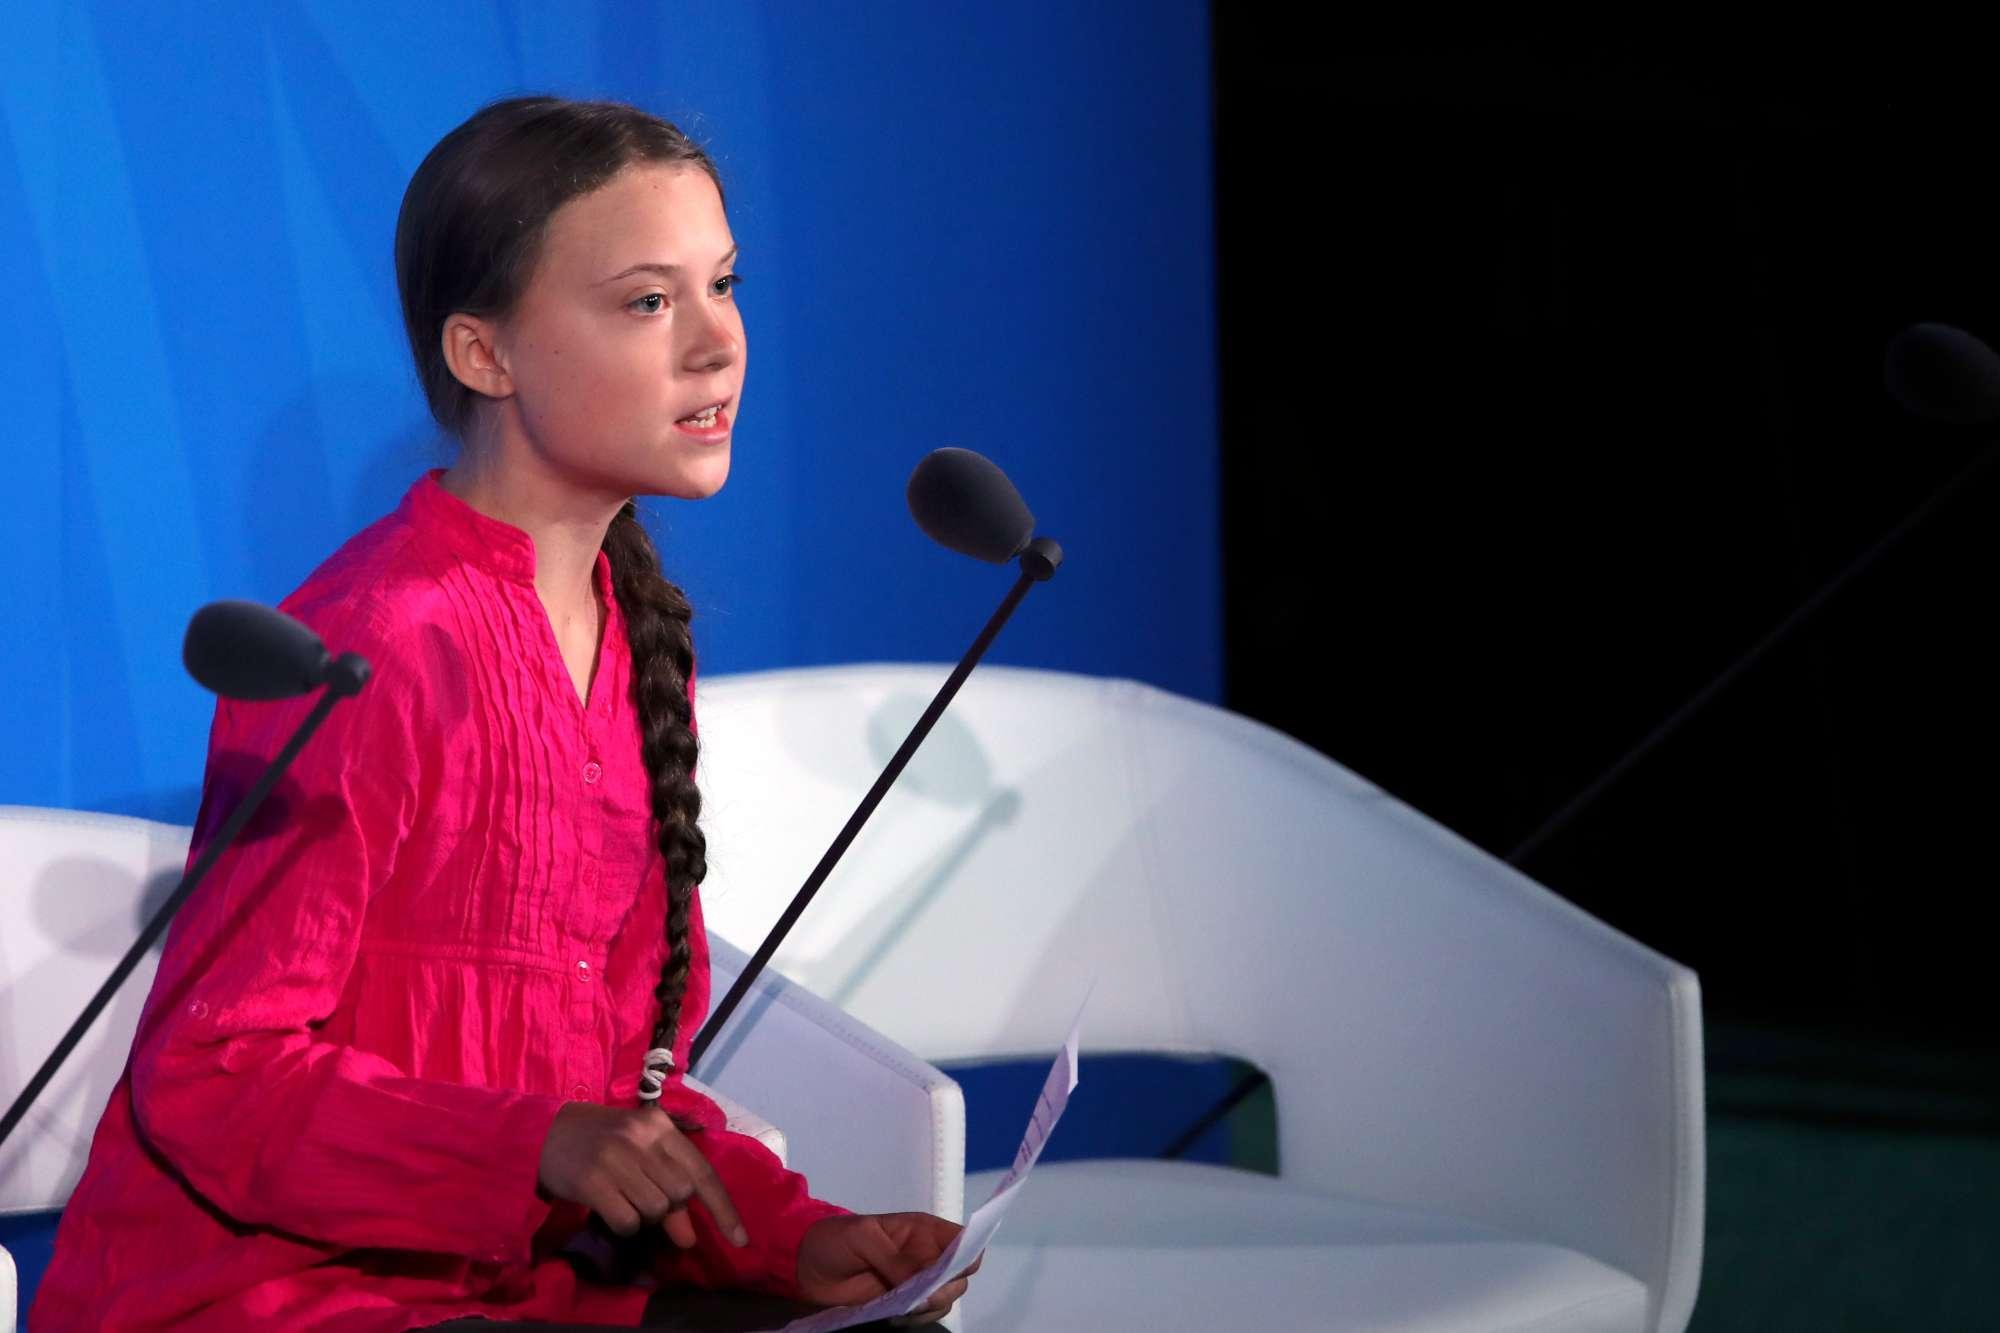 Clima, Greta all Onu:  Mi avete rubato i sogni e l infanzia